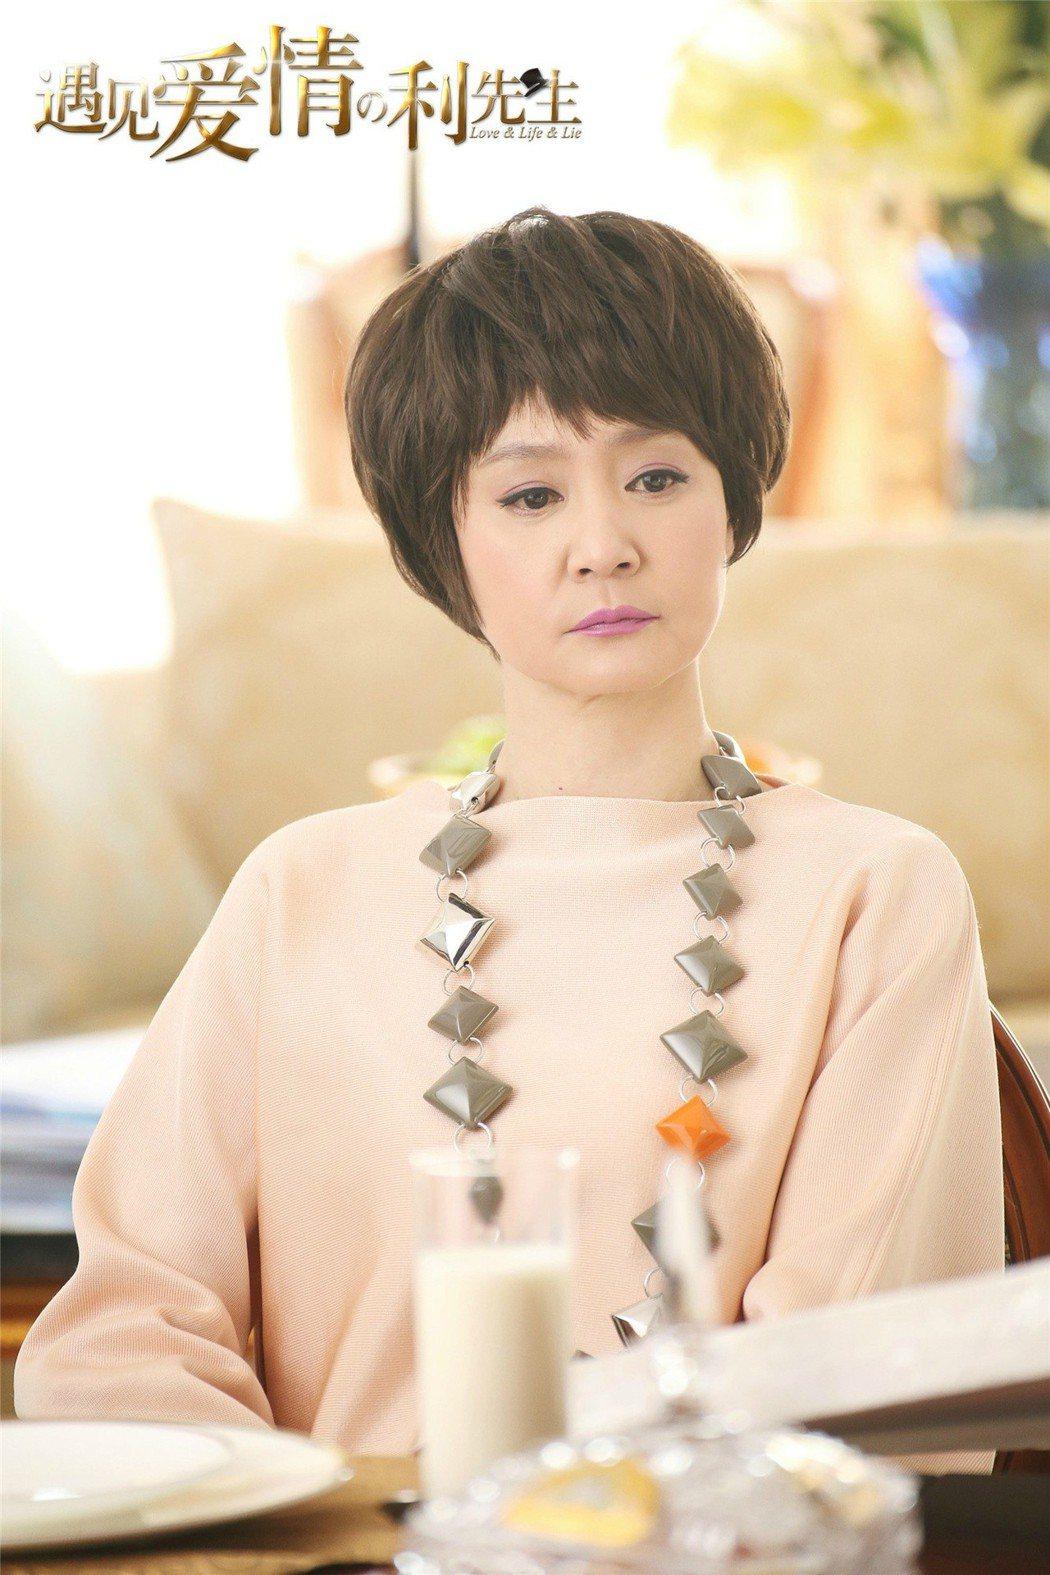 劉雪華近來都在大陸拍戲。 圖/擷自微博